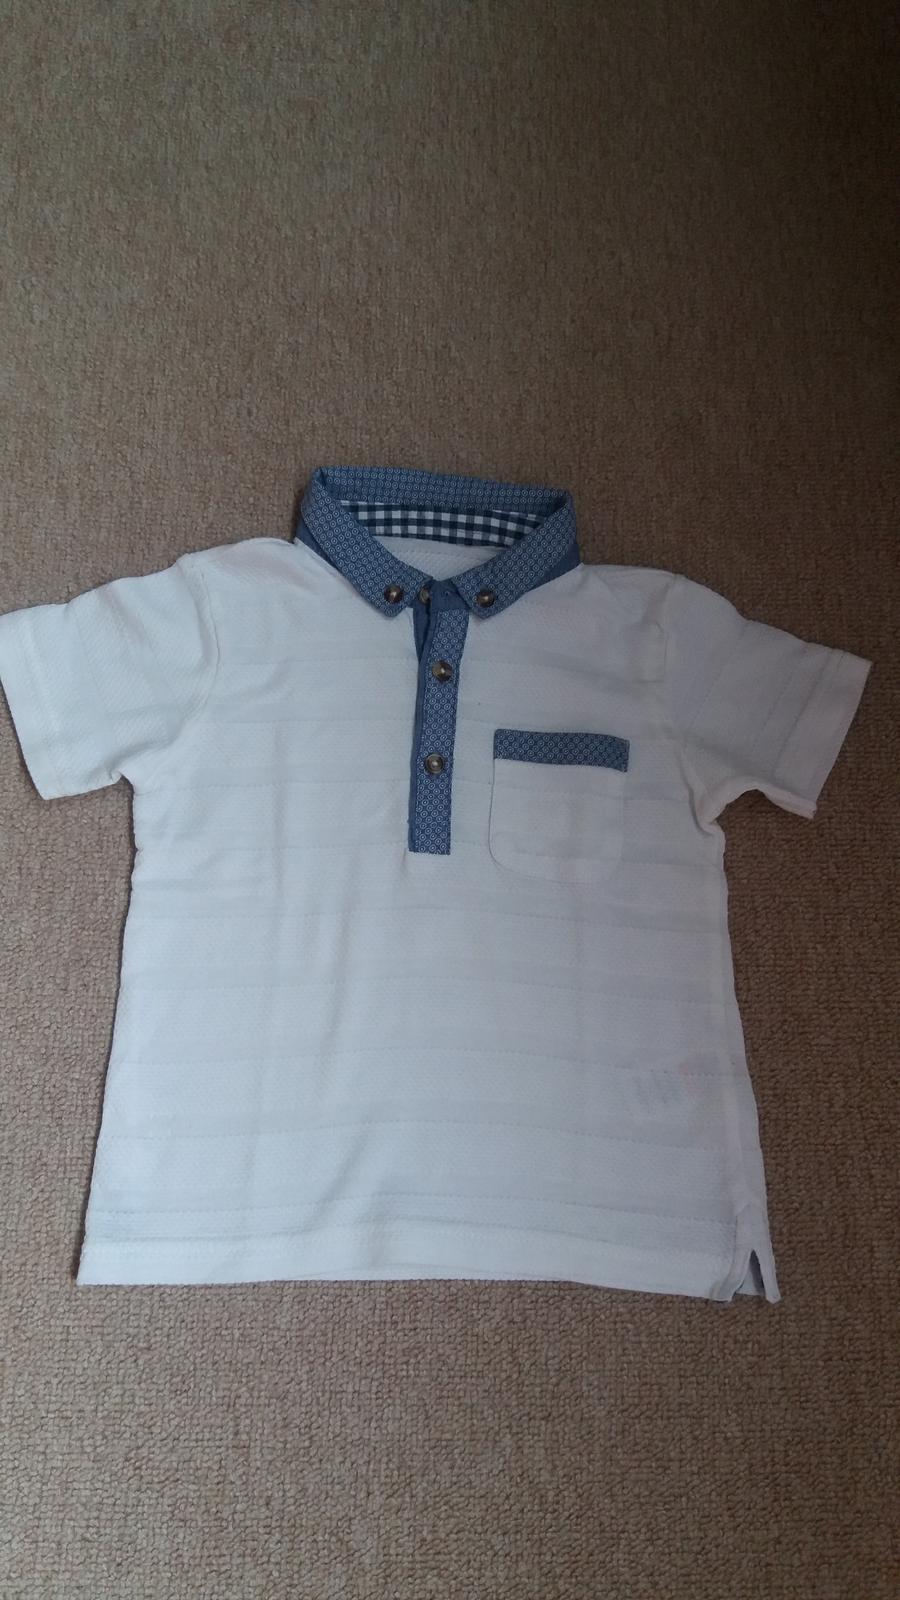 Triko s límečkem zn.George vel.86 - Obrázek č. 1